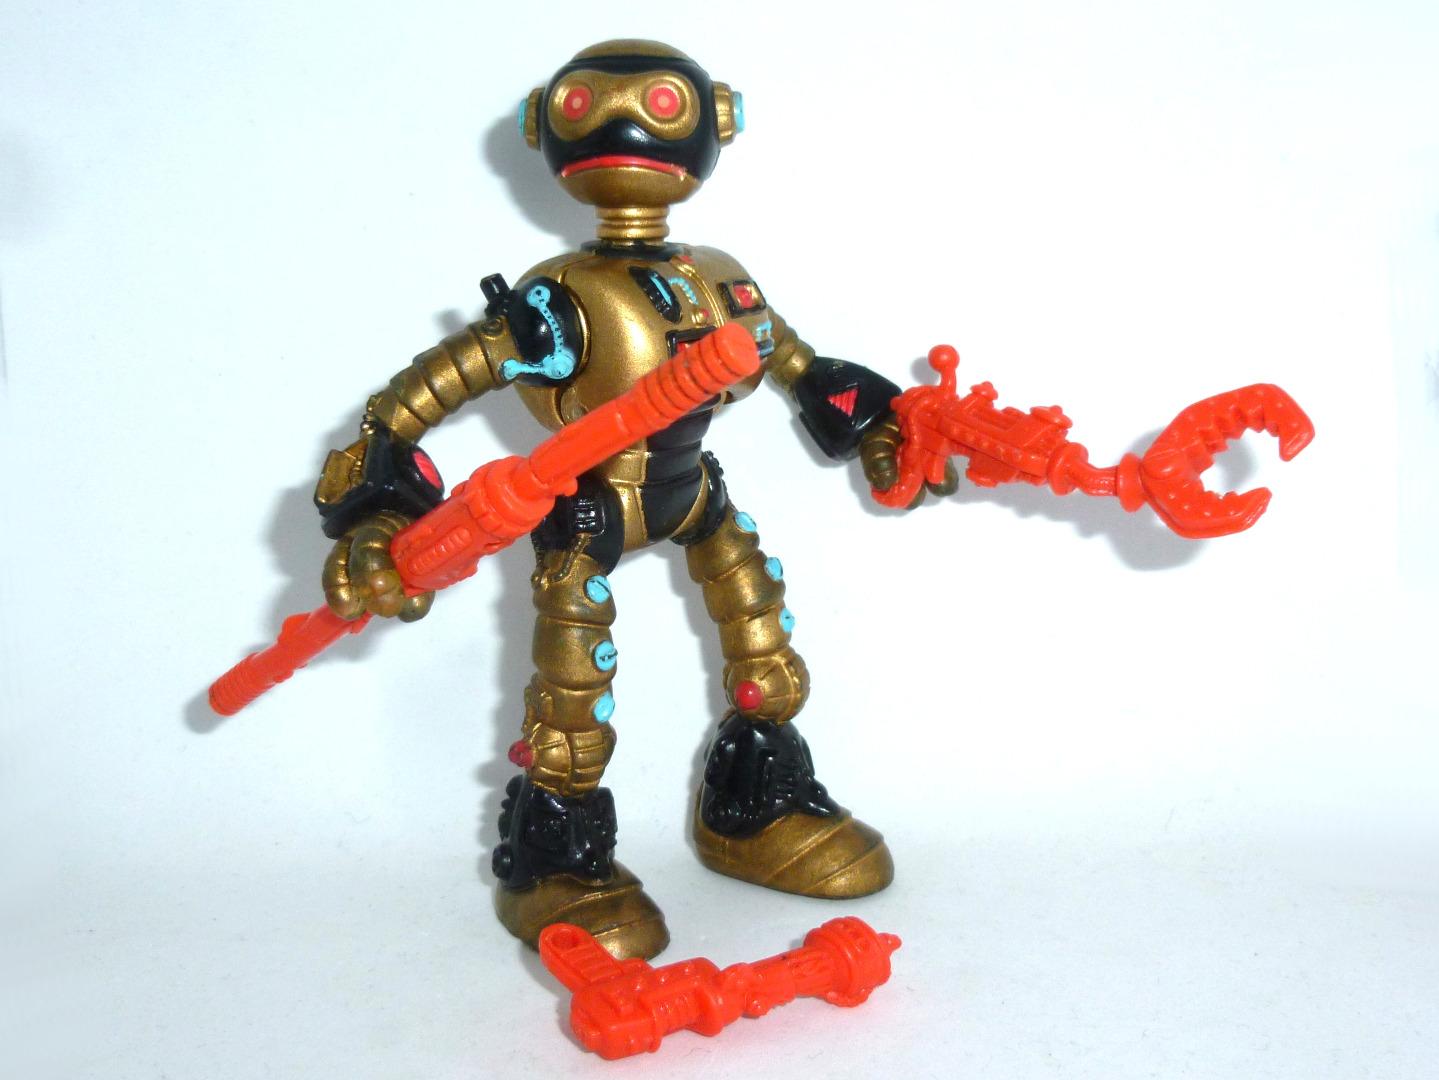 Teenage Mutant Ninja Turtles Fugitoid Playmates - 2